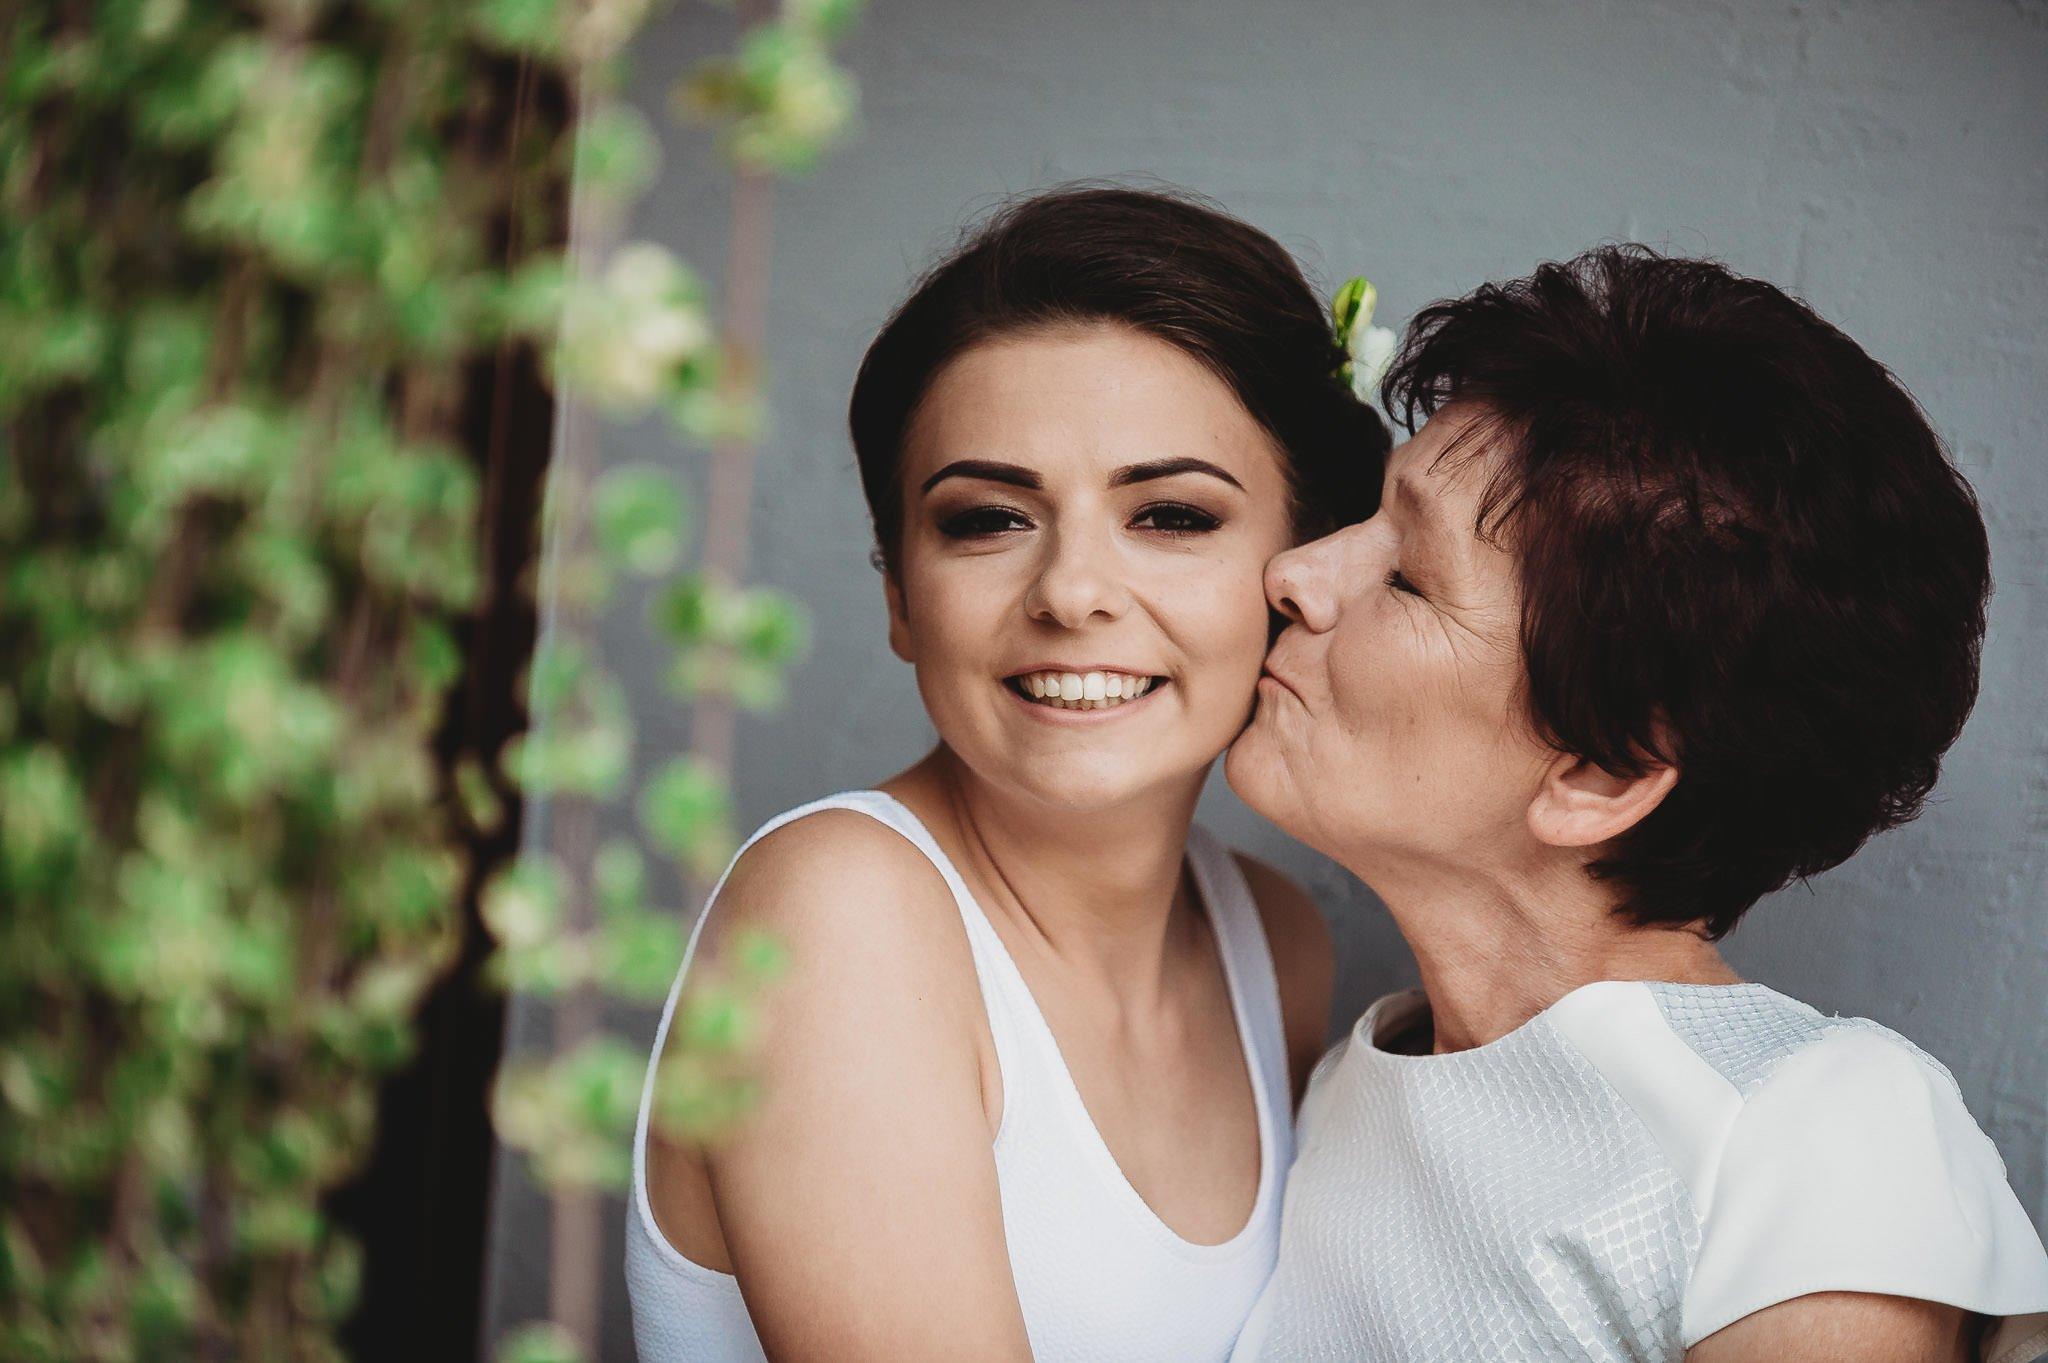 Angelika i Michał, piękne zdjęcia ślubne i sesja plenerowa w Gołuchowie 24